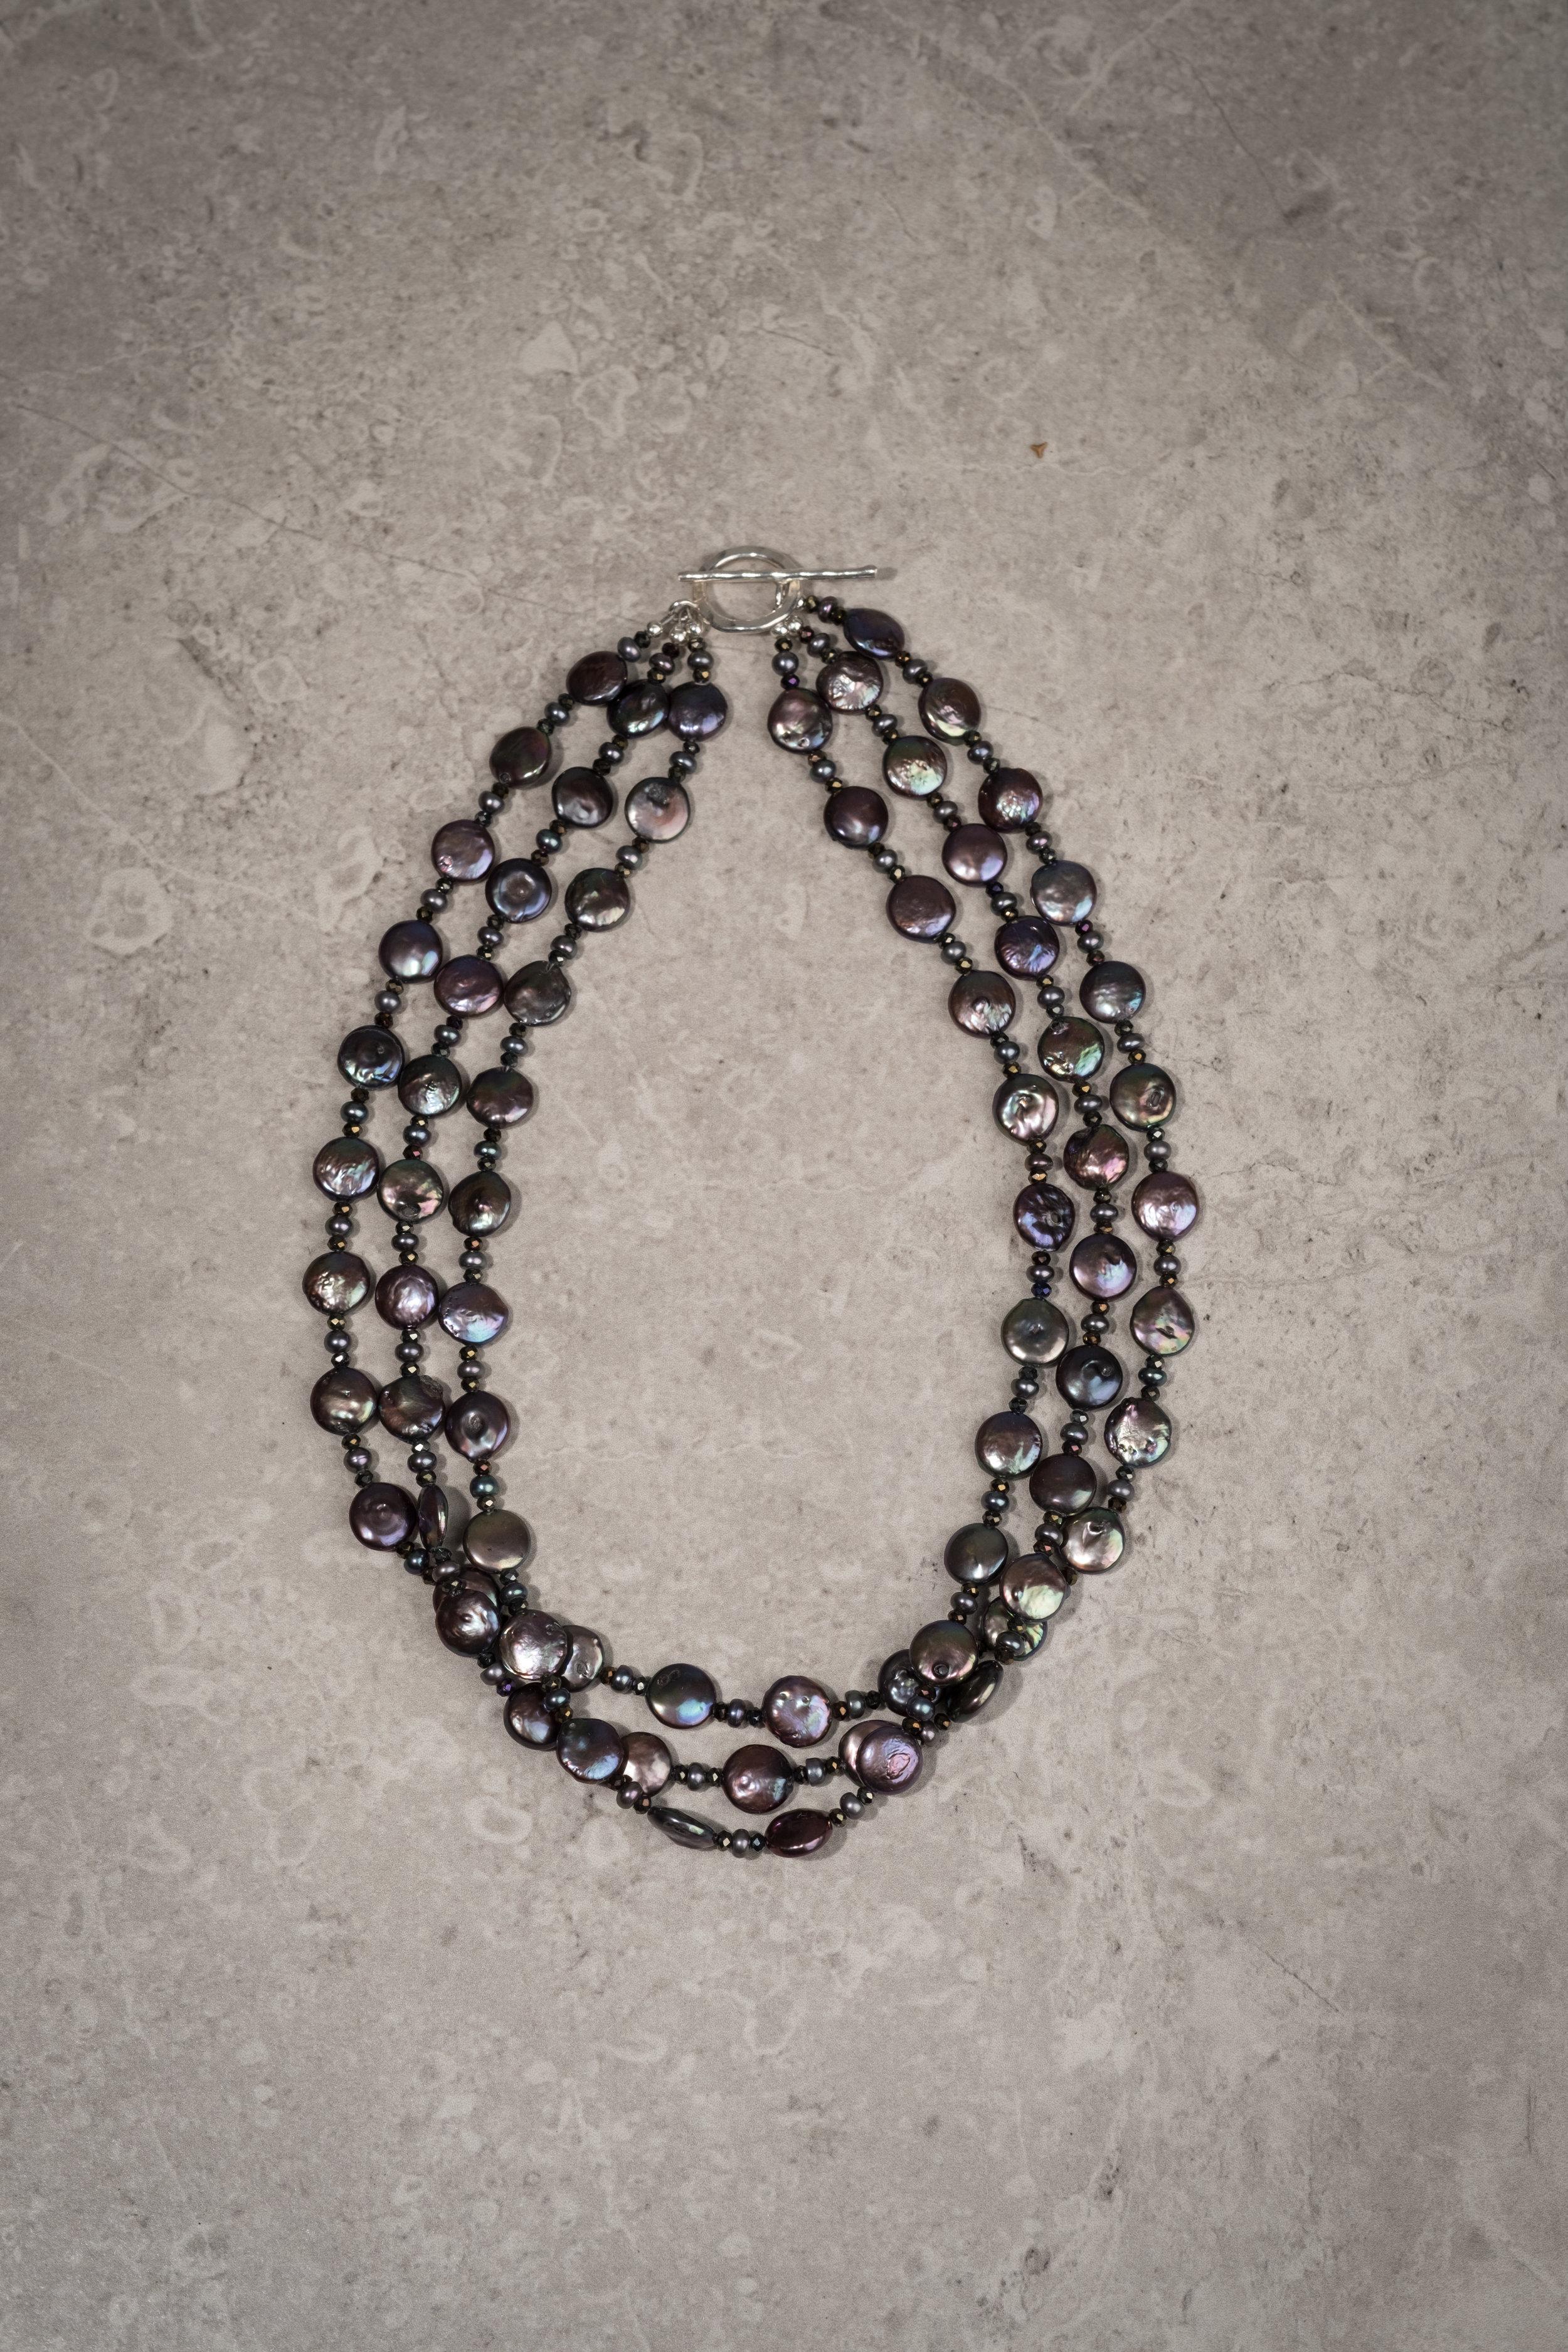 Jewelry_Rueckerl